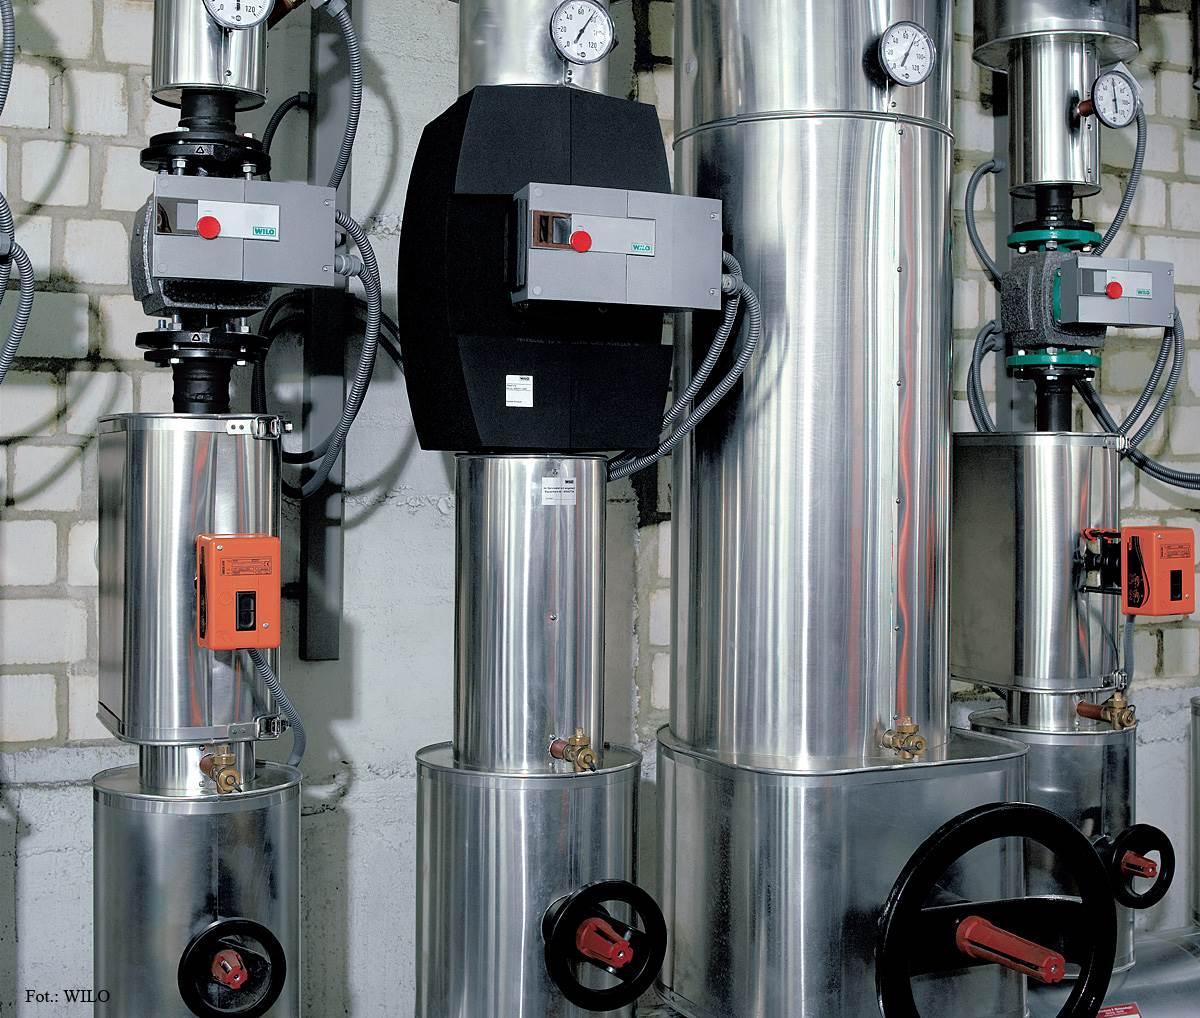 pompy obiegowe do instalacji klimatyzacyjnych i chlodniczych - Pompy obiegowe do instalacji klimatyzacyjnych i chłodniczych